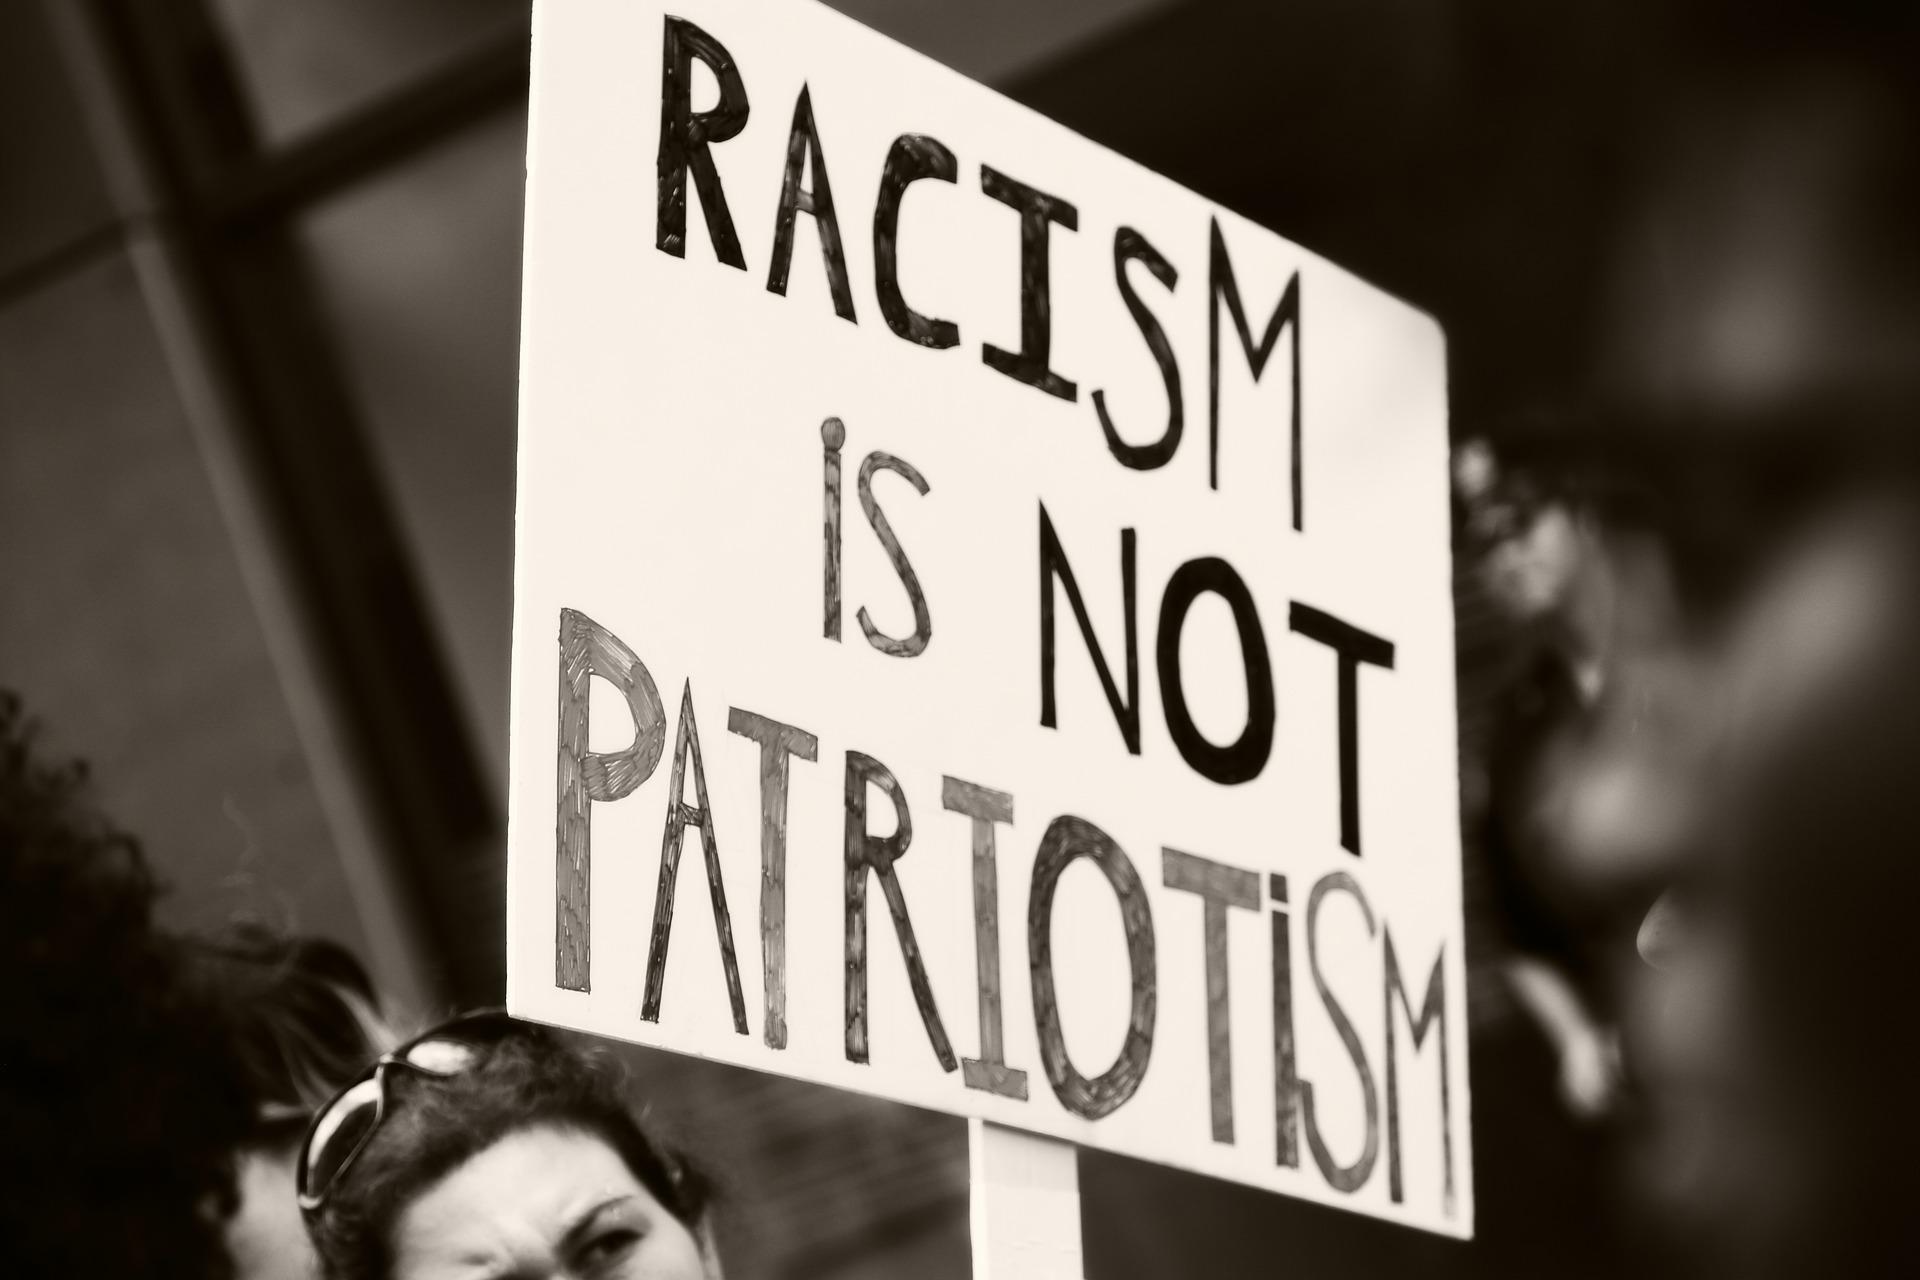 Rasismul - de ce am ales să urâm